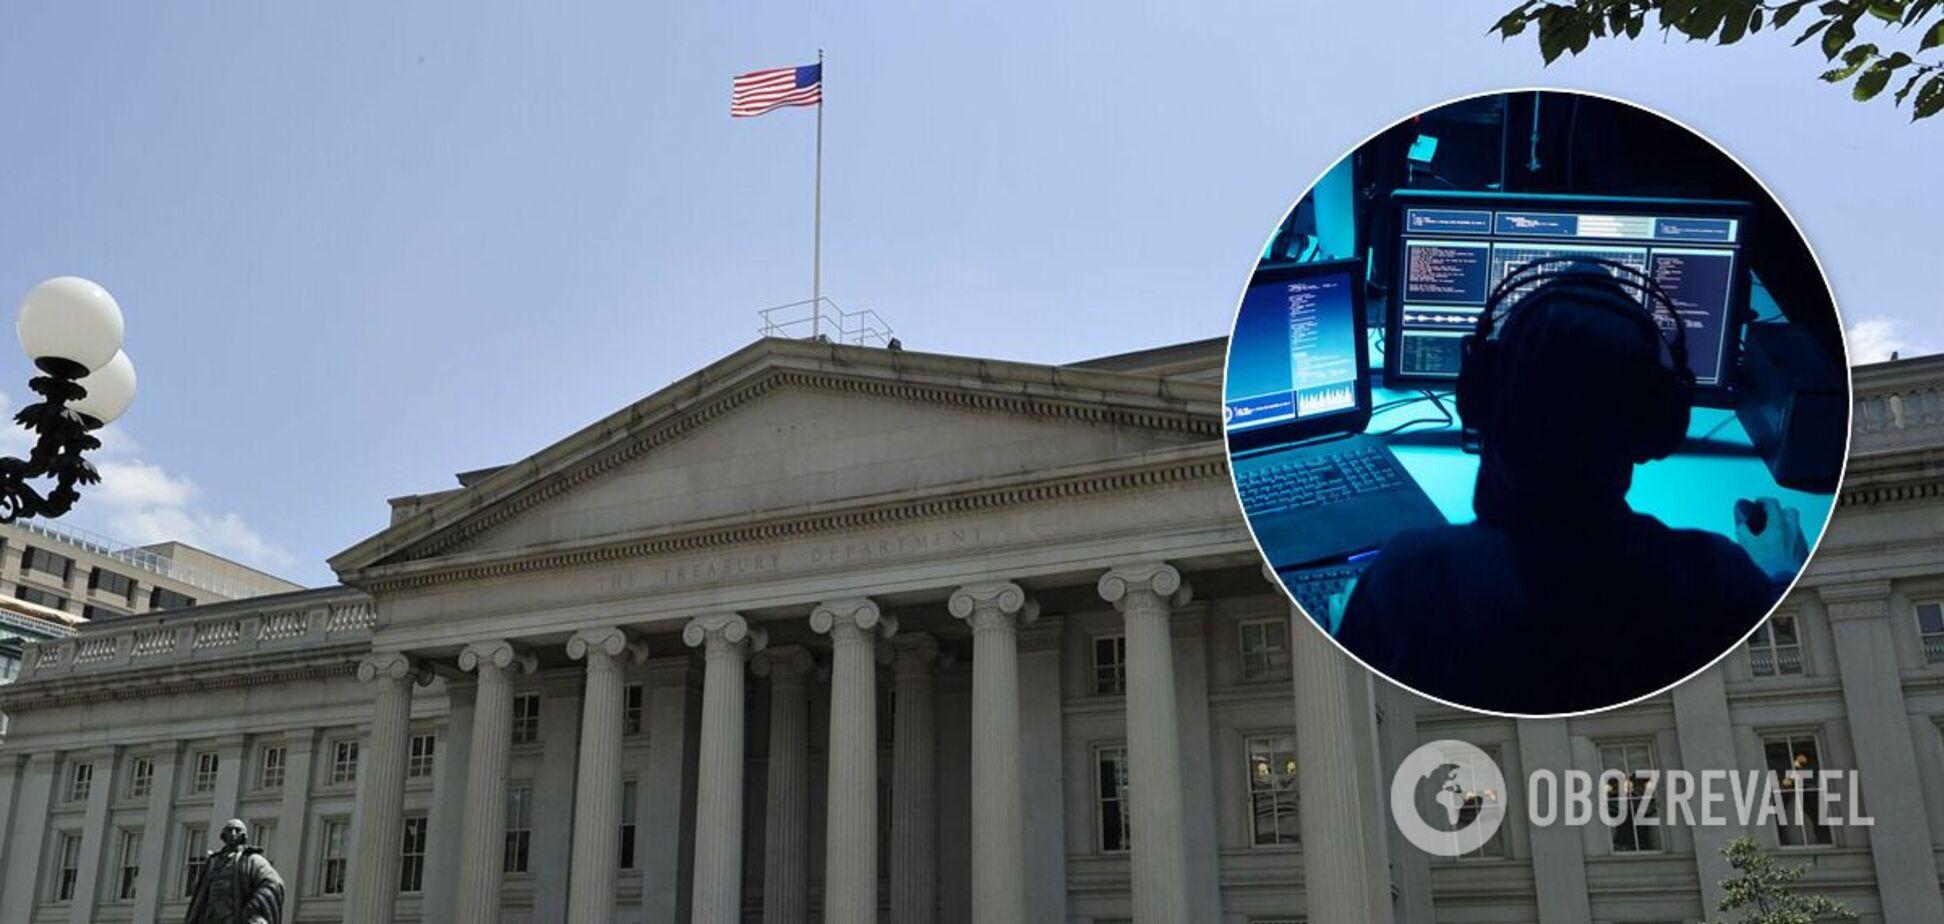 Хакеры при поддержке правительства РФ взломали Минфин США – СМИ